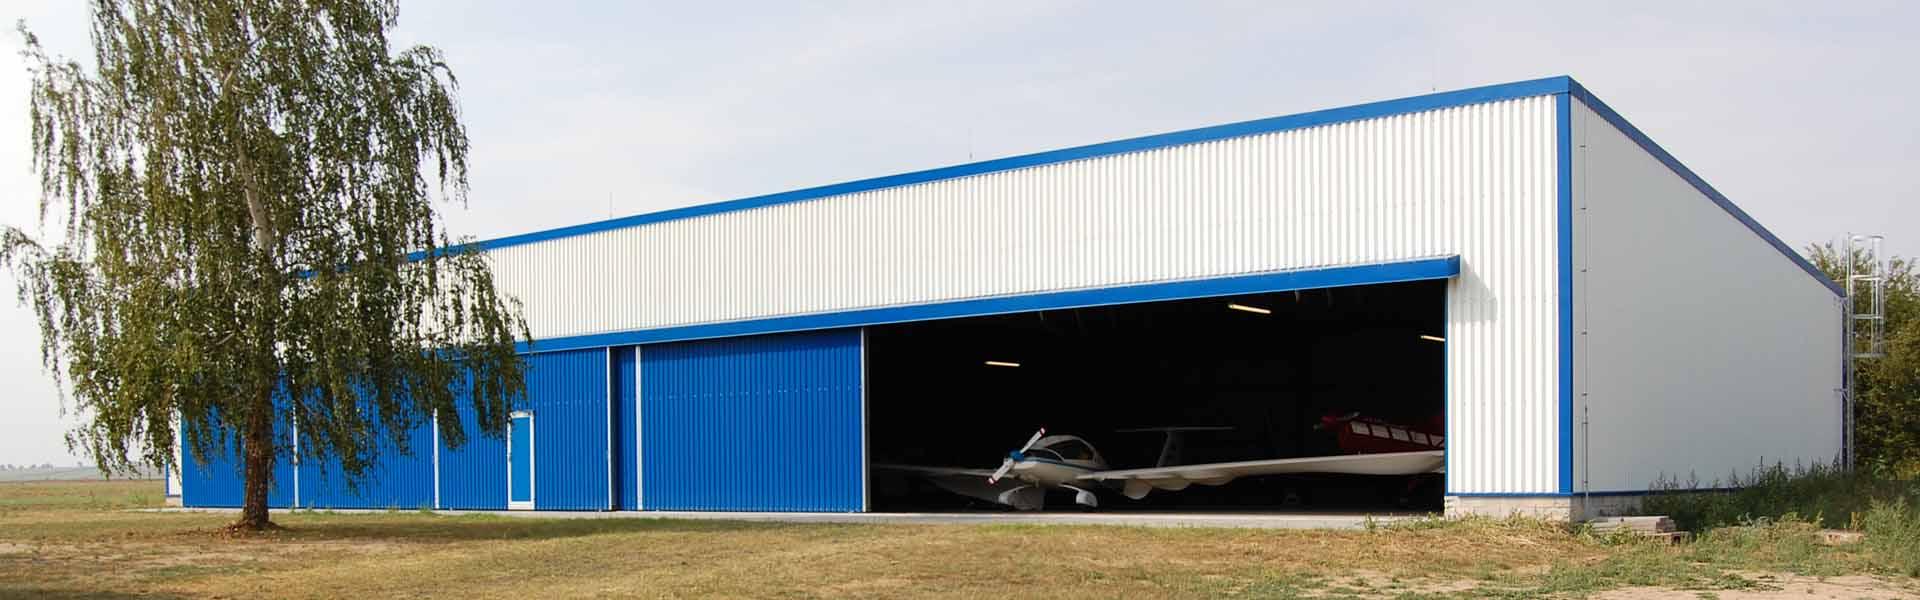 Letecké haly a hangáre - staviame a vyrábame montované oceľové haly LLENTAB